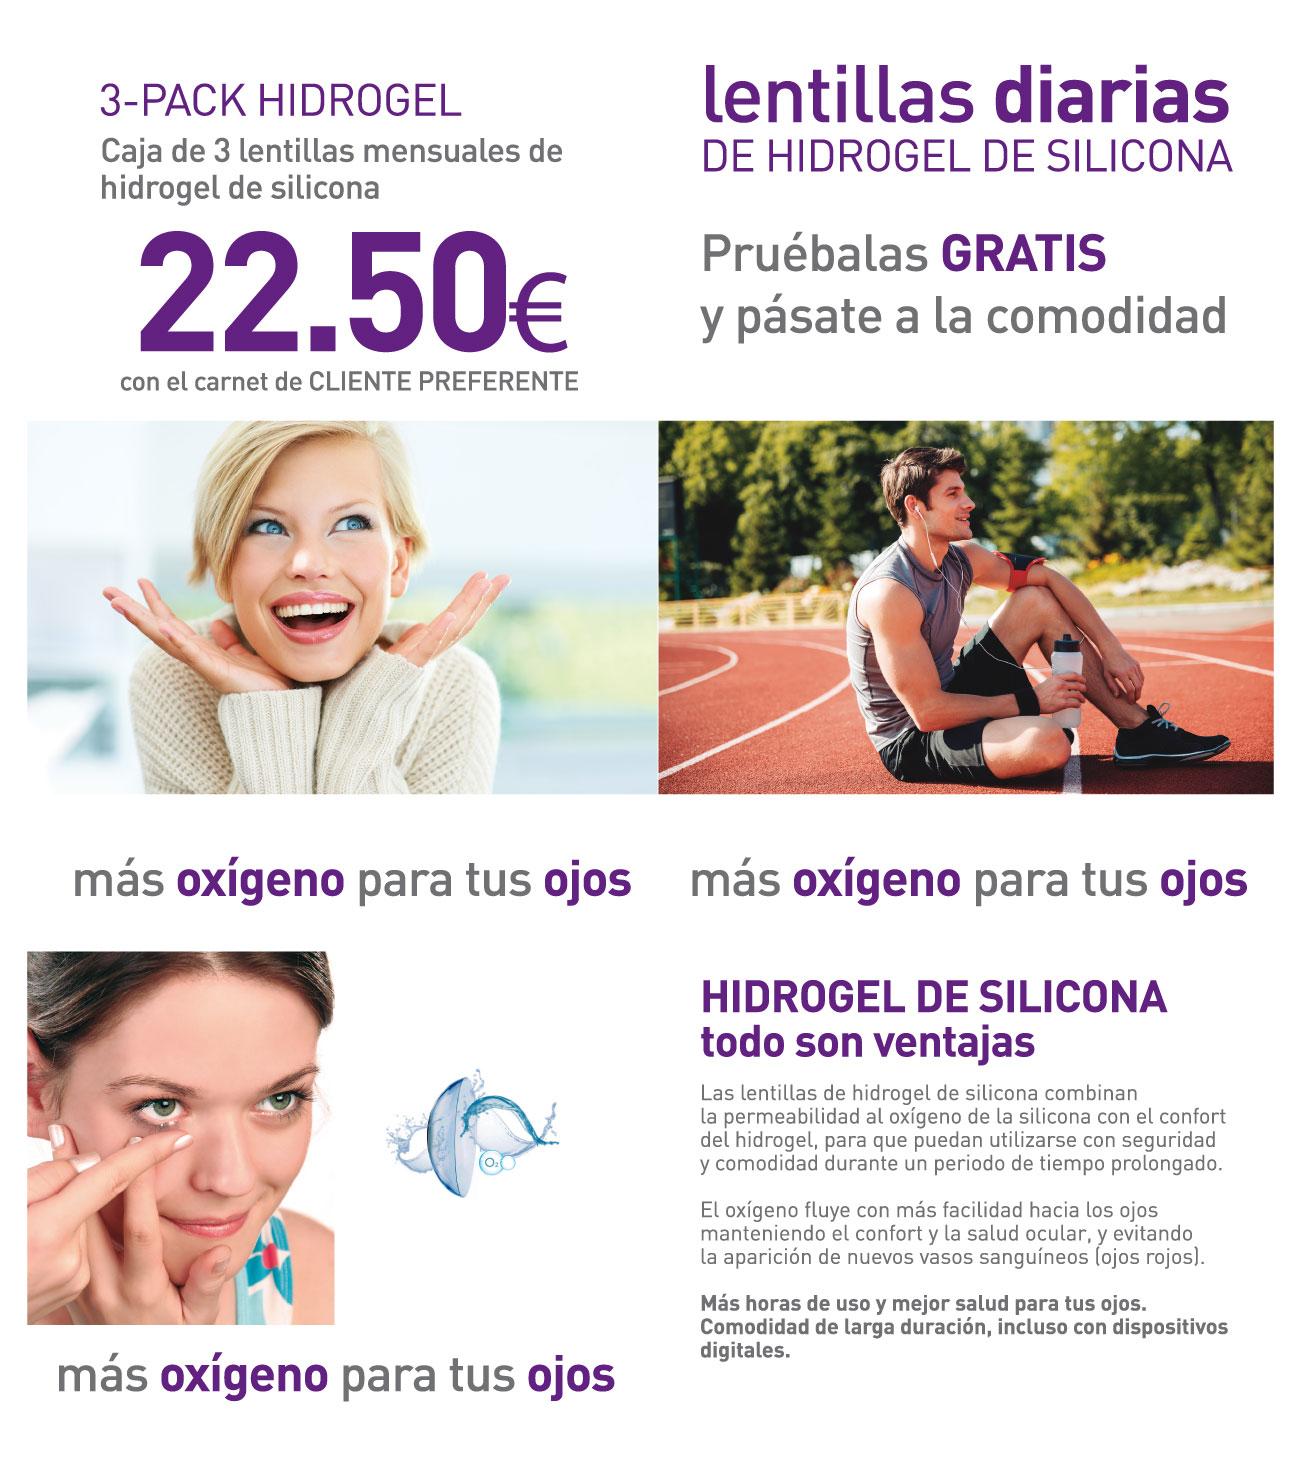 Optoclinic La Pau Altea Lentillas Vistaoptica